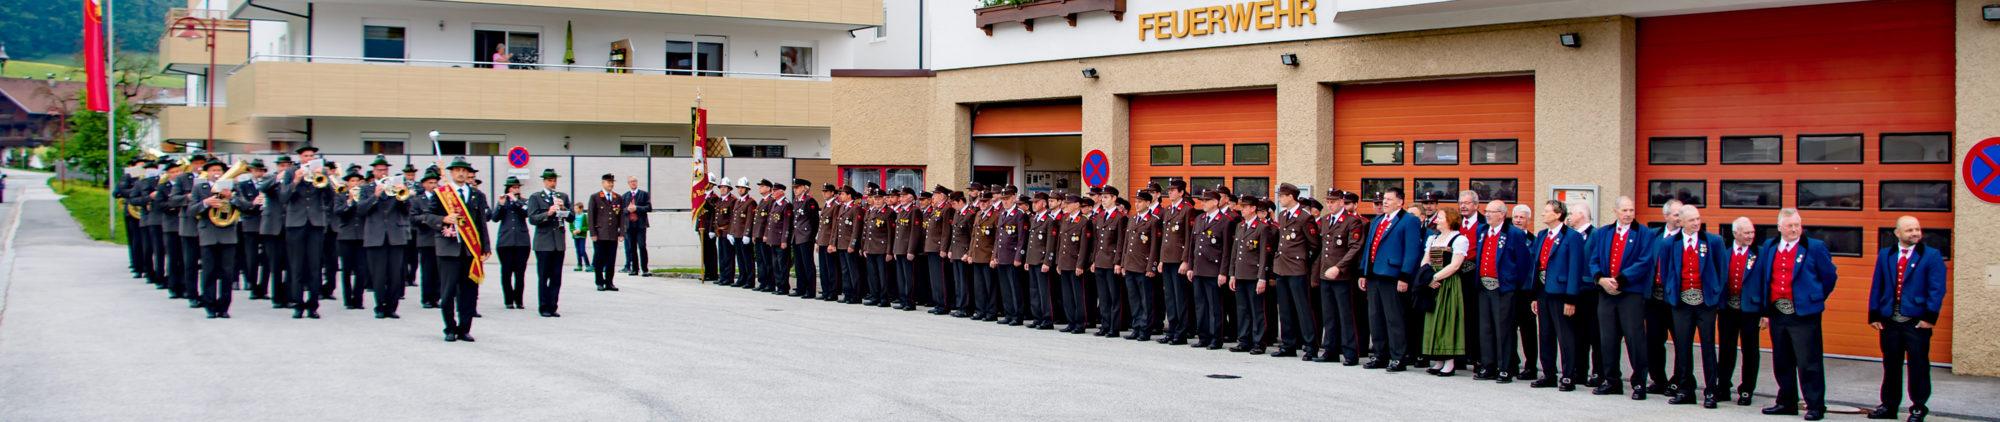 Freiwillige Feuerwehr Schwoich